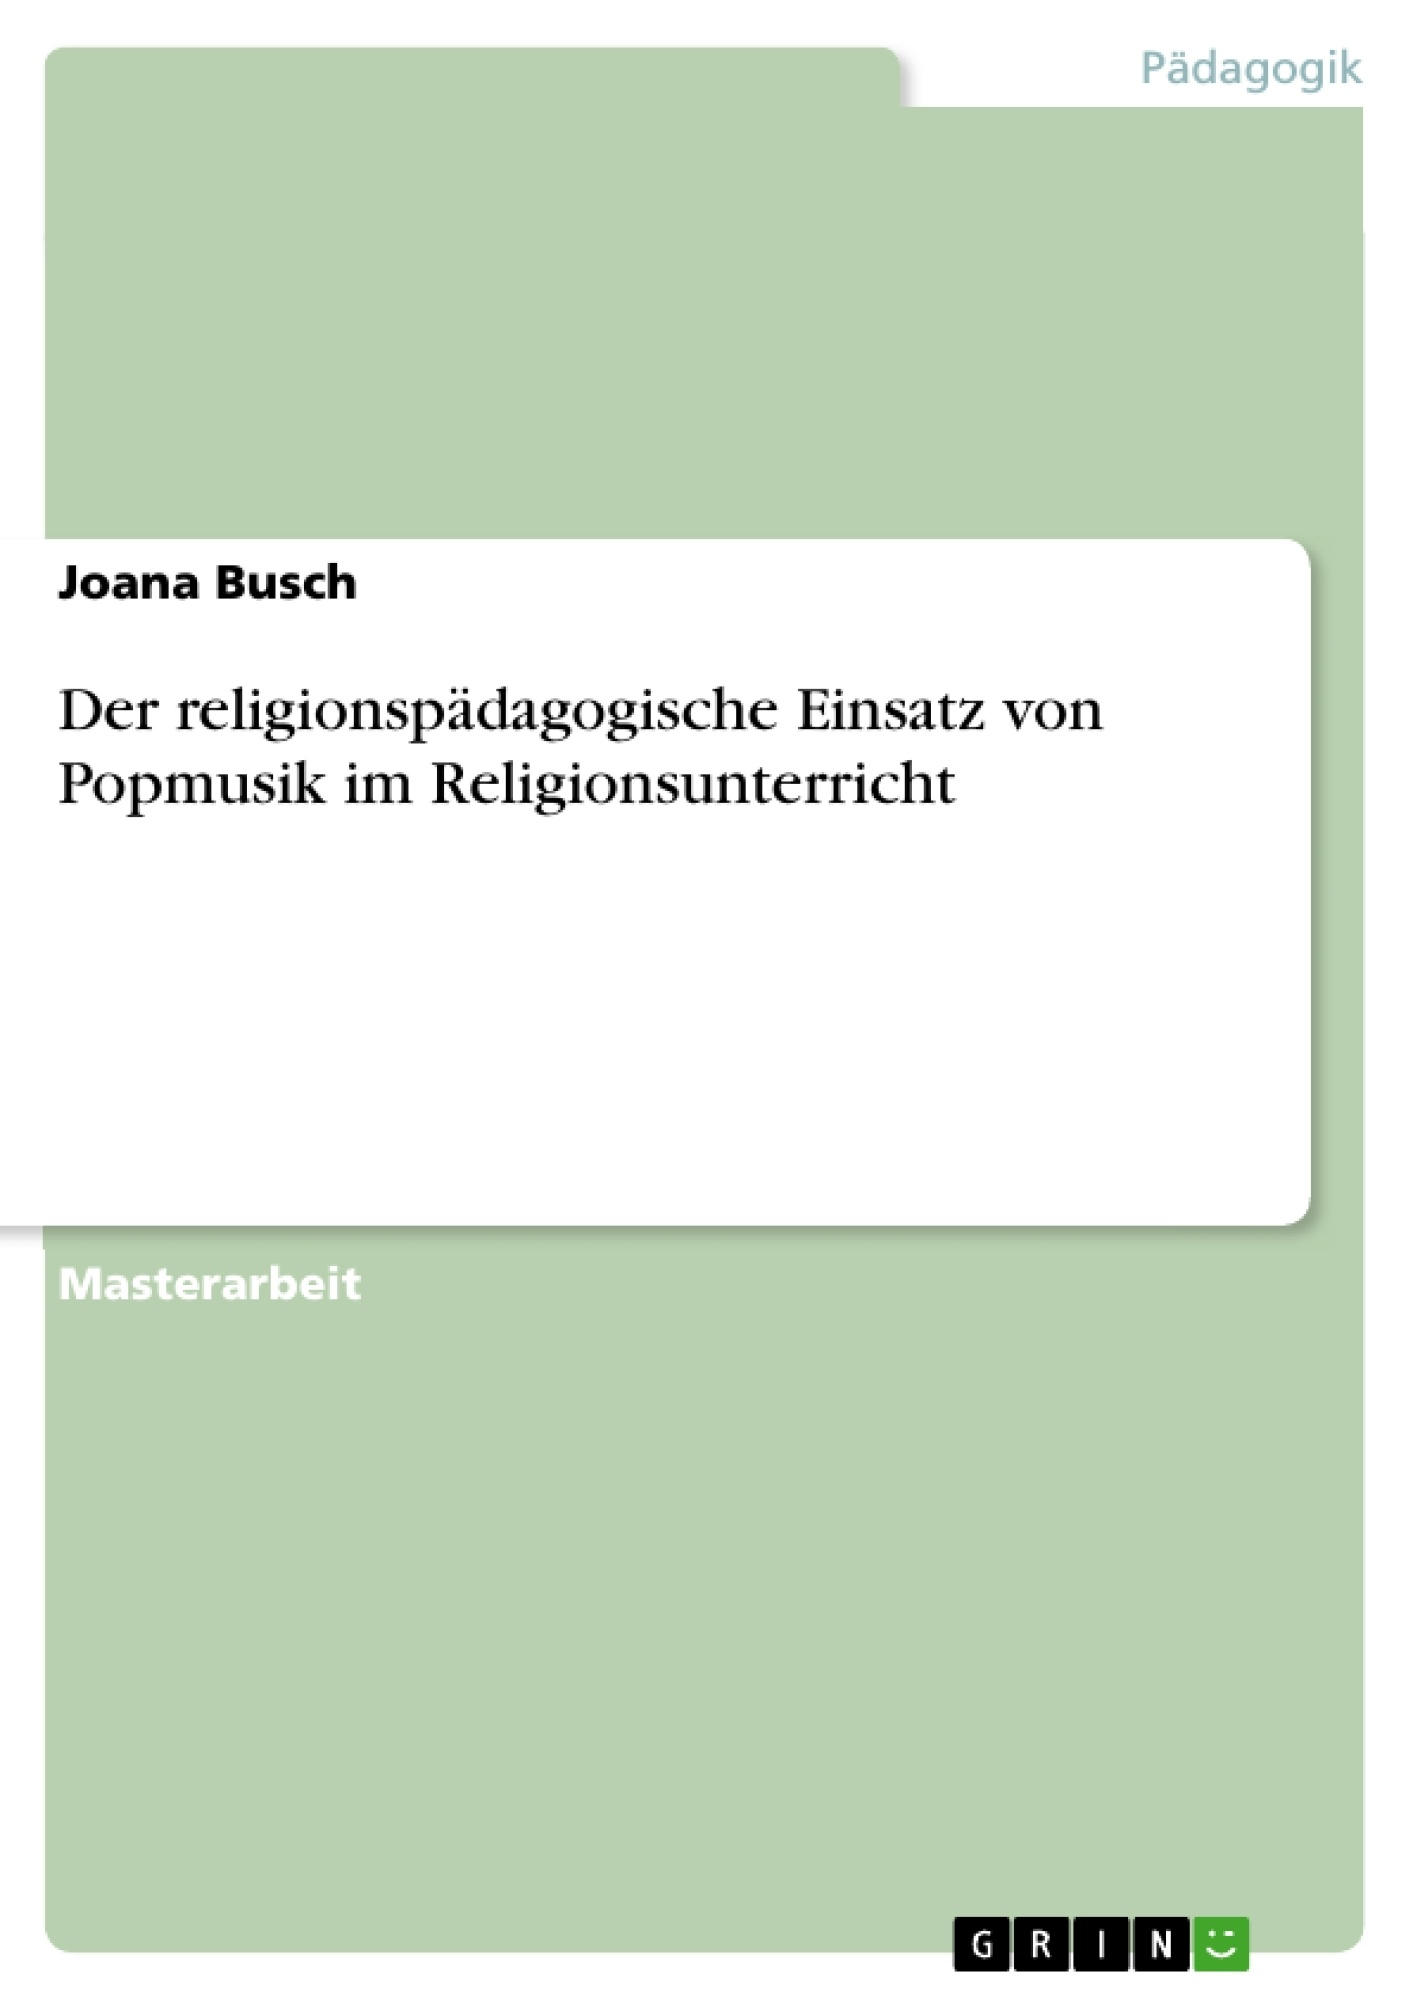 Titel: Der religionspädagogische Einsatz von Popmusik im Religionsunterricht